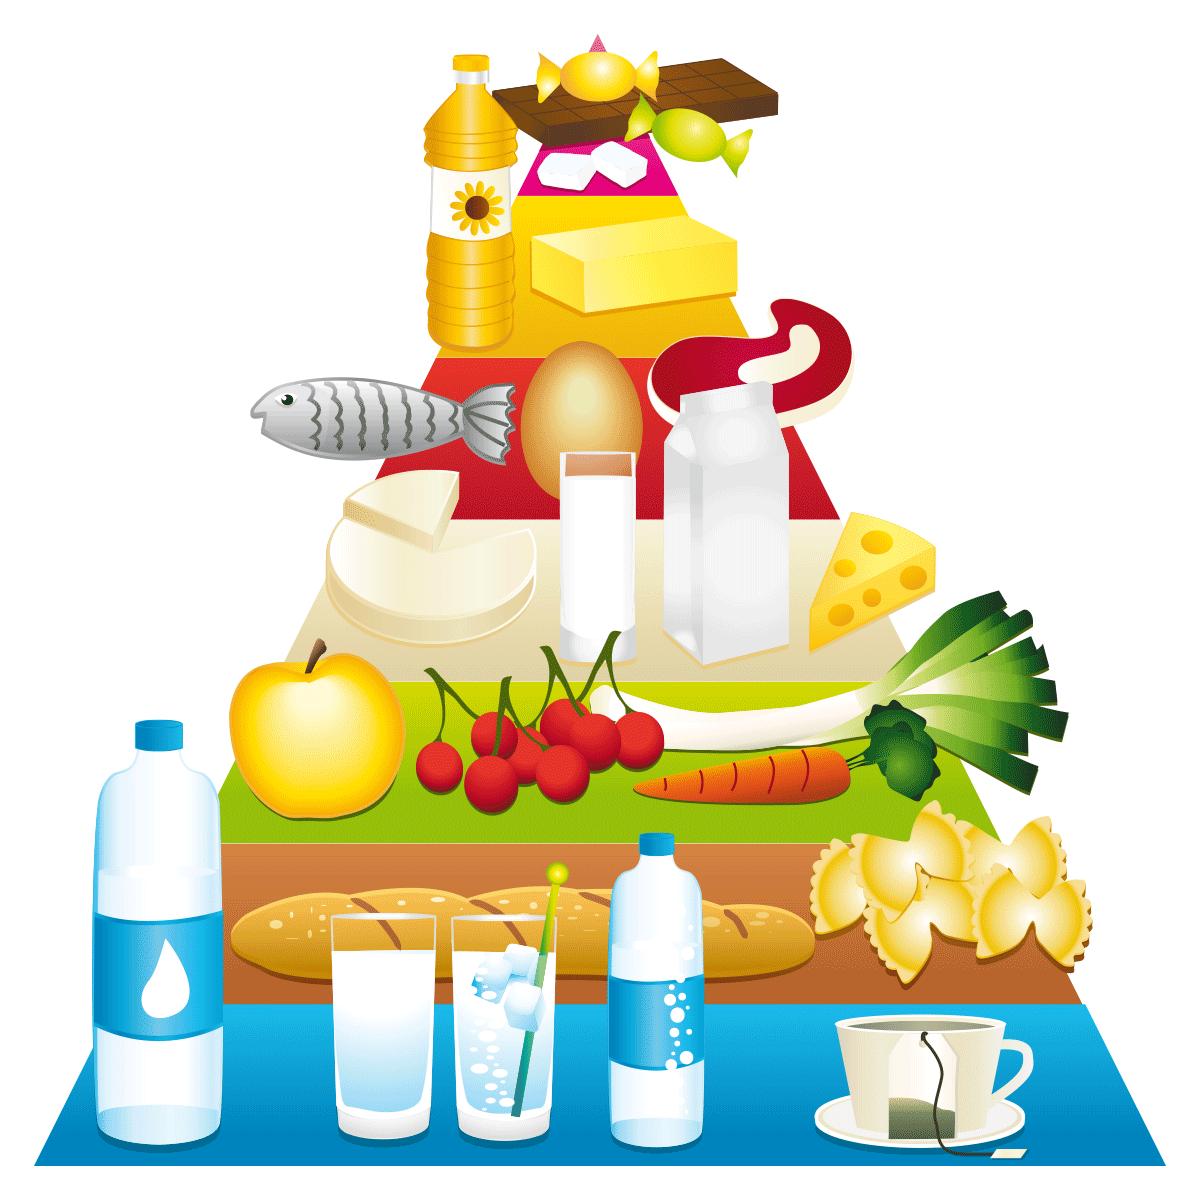 Eine ausgewogene Ernährung schmeckt und ist gesund